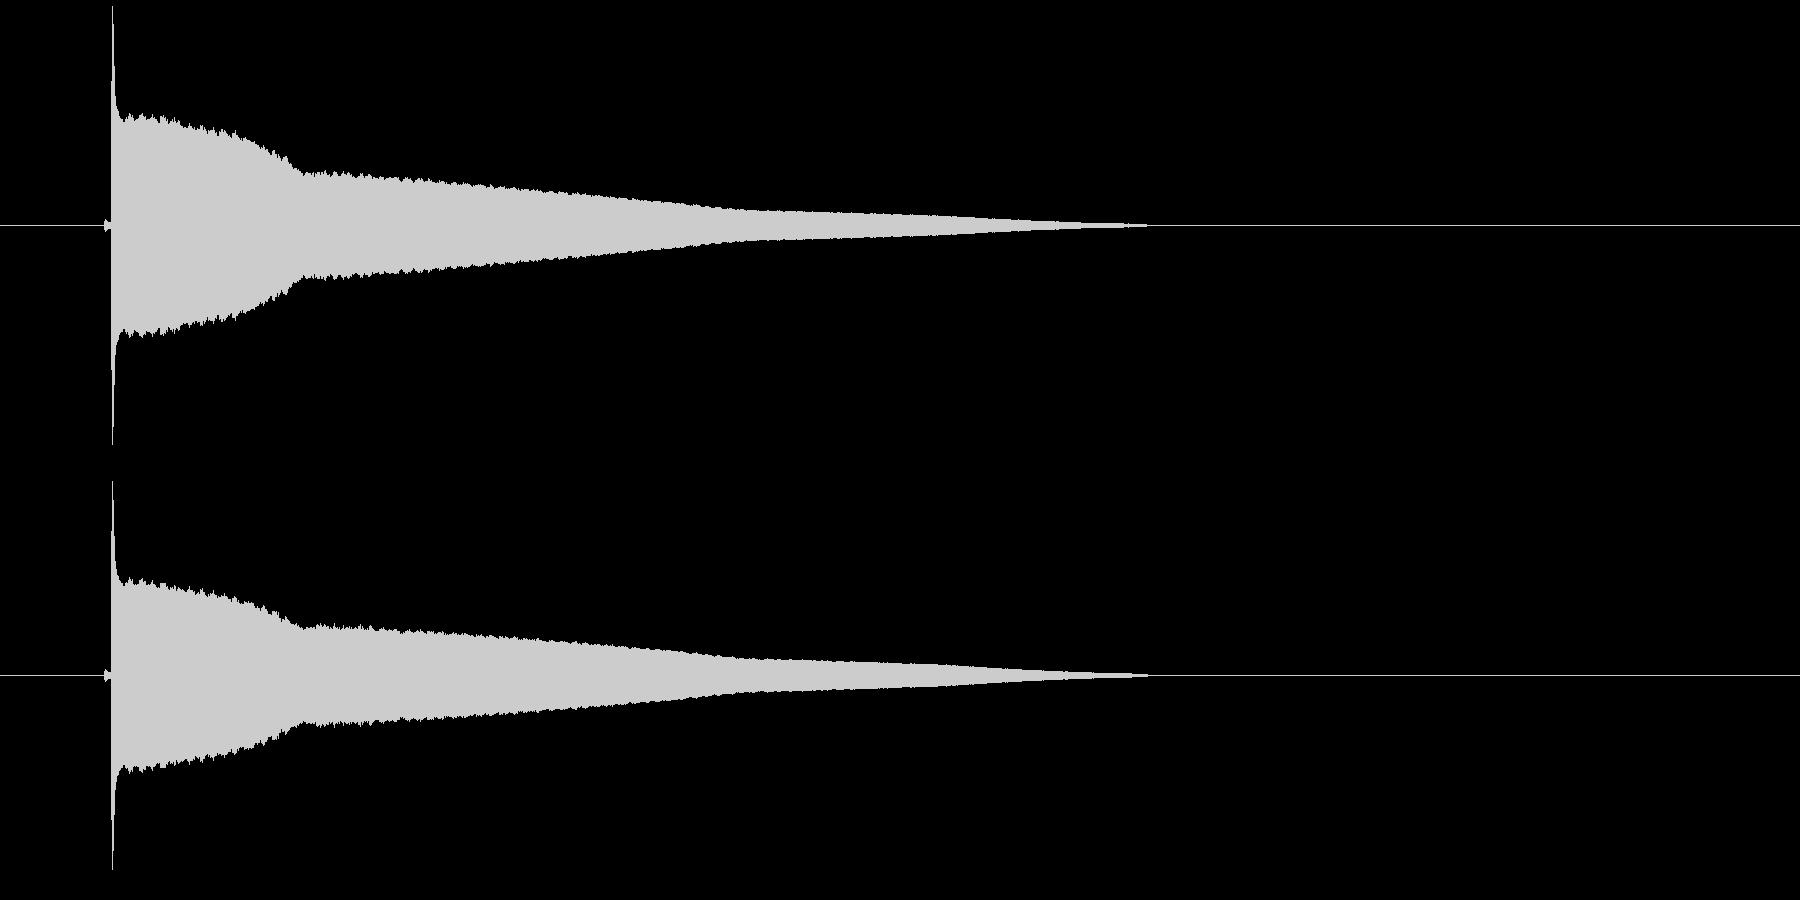 ピィィィィというUFOが浮遊するような音の未再生の波形